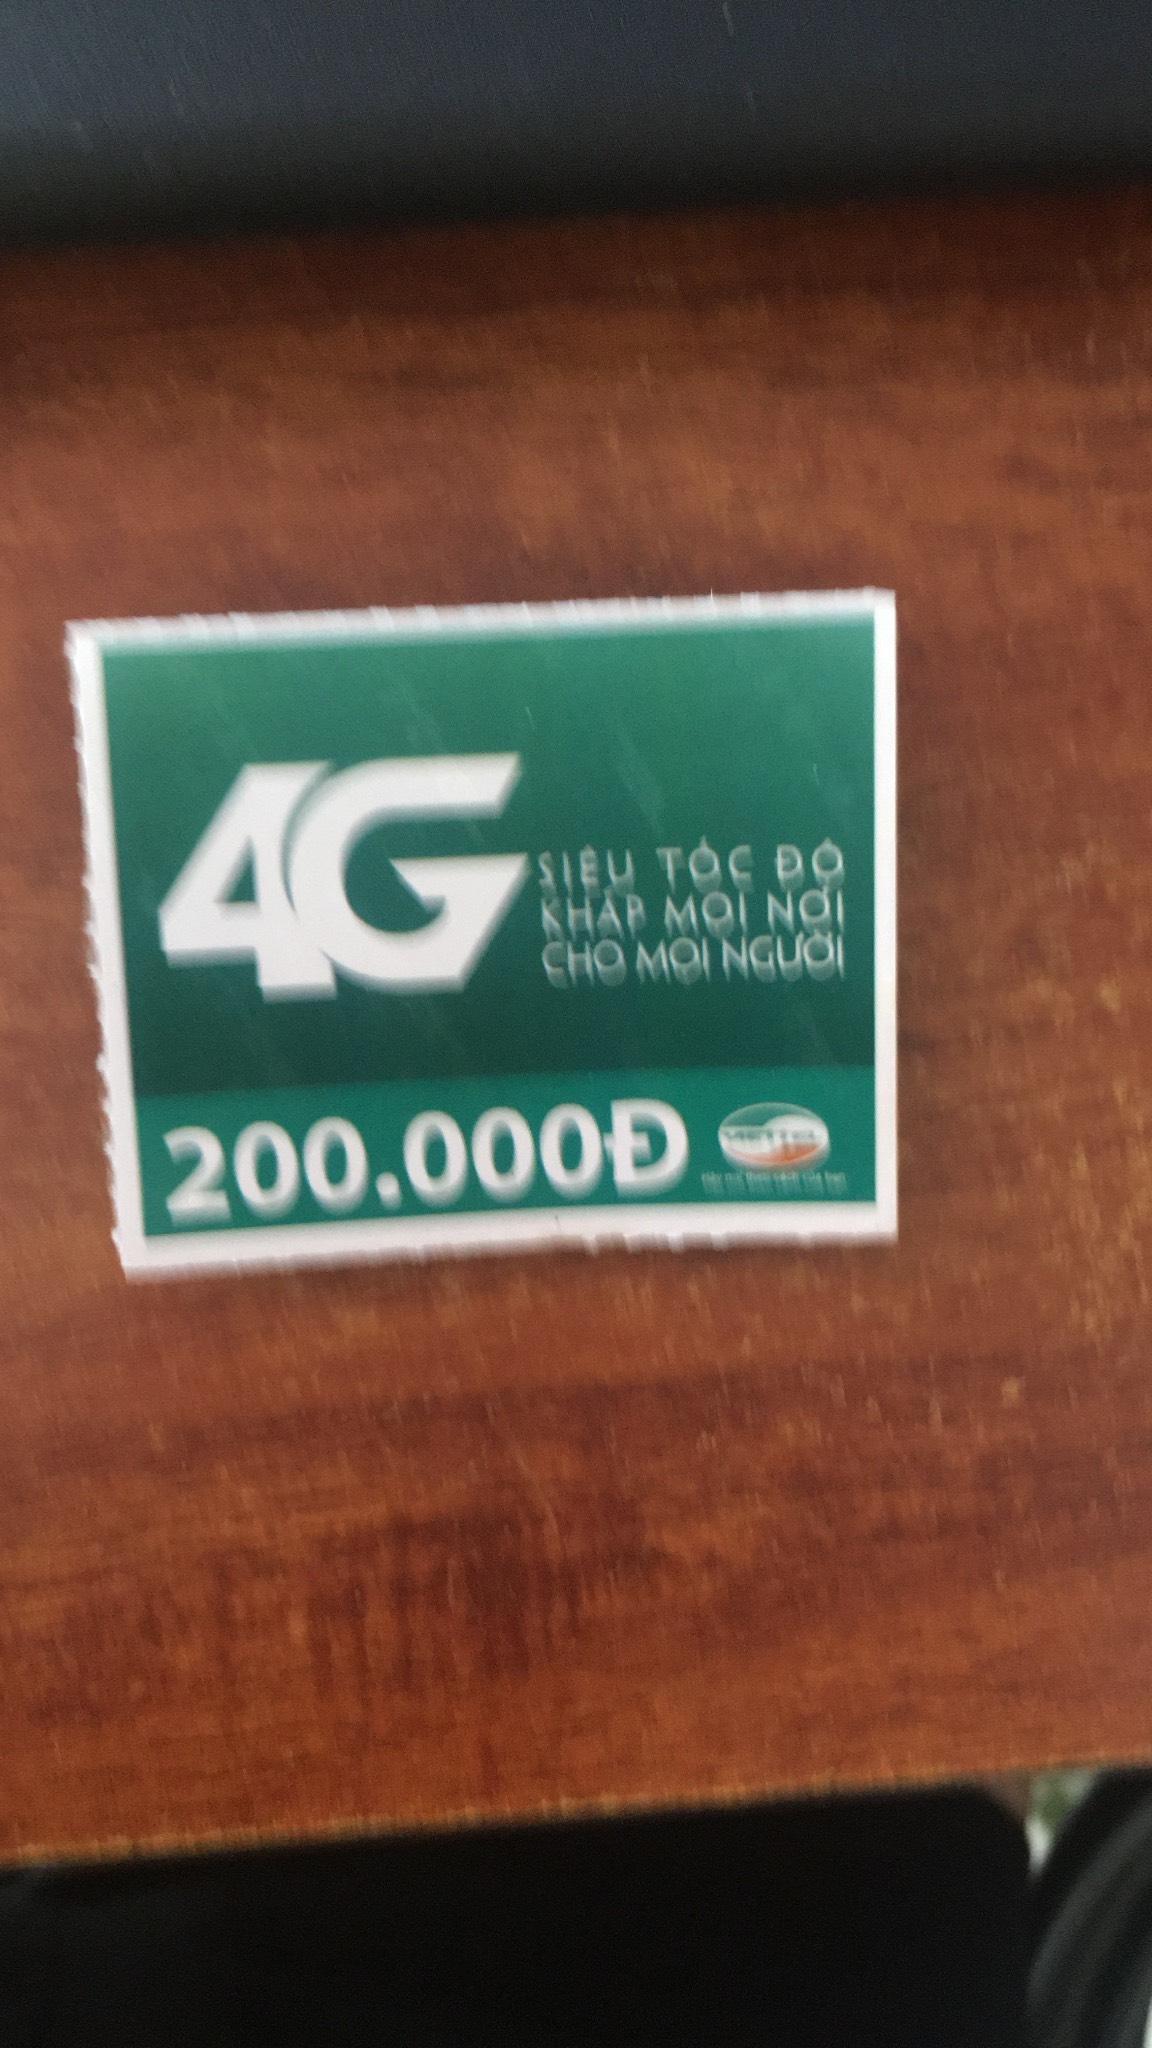 Thẻ cào mệnh giá 200